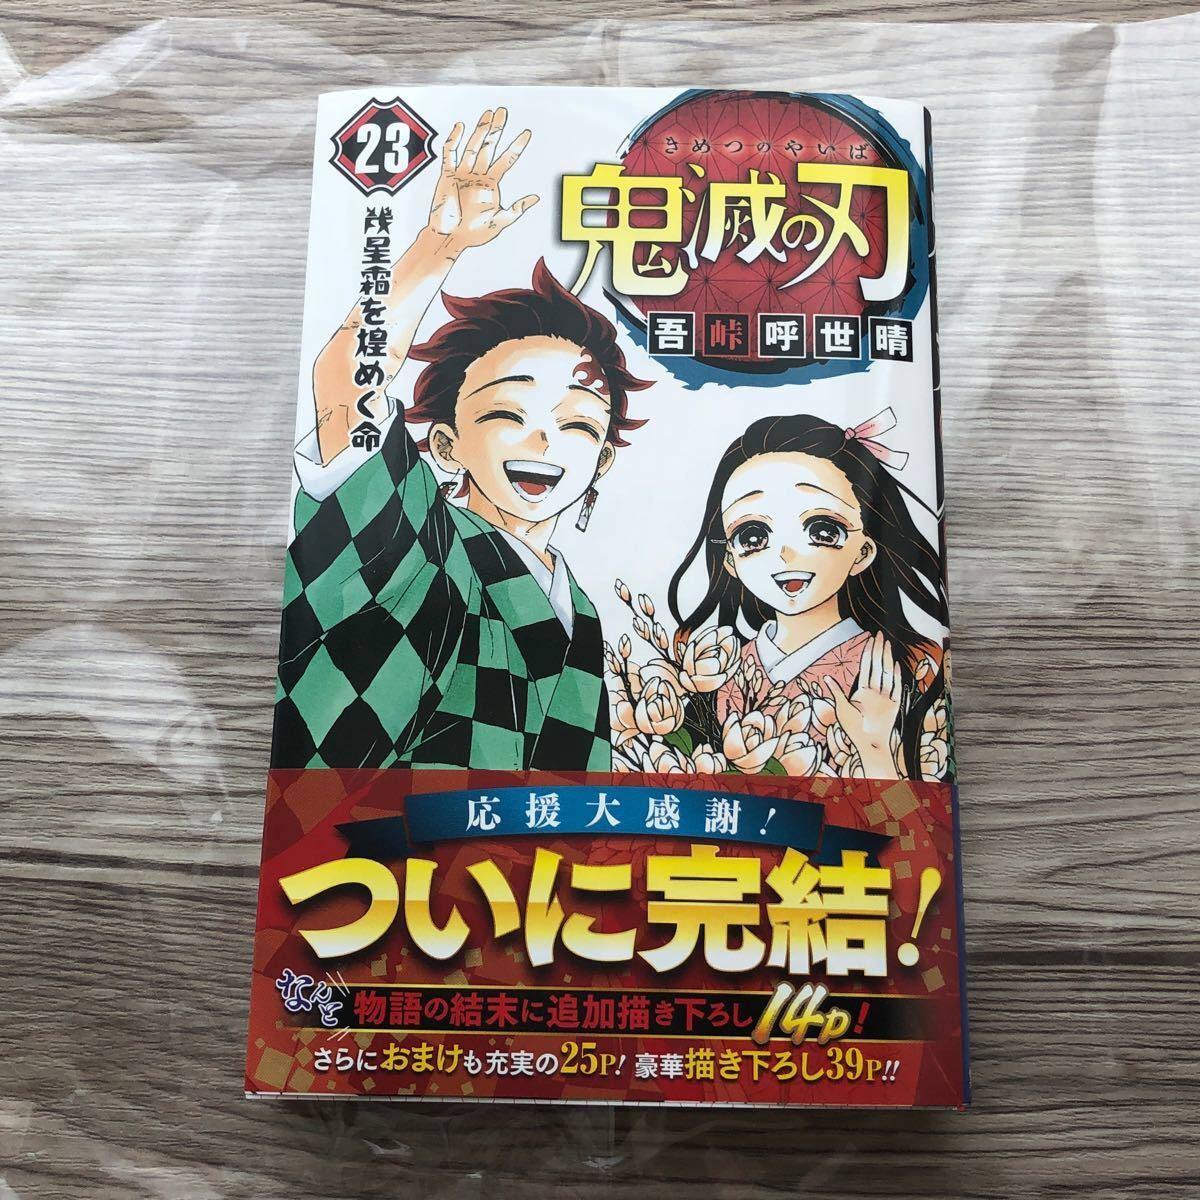 鬼滅の刃 吾峠呼世晴 23 初版 最終巻